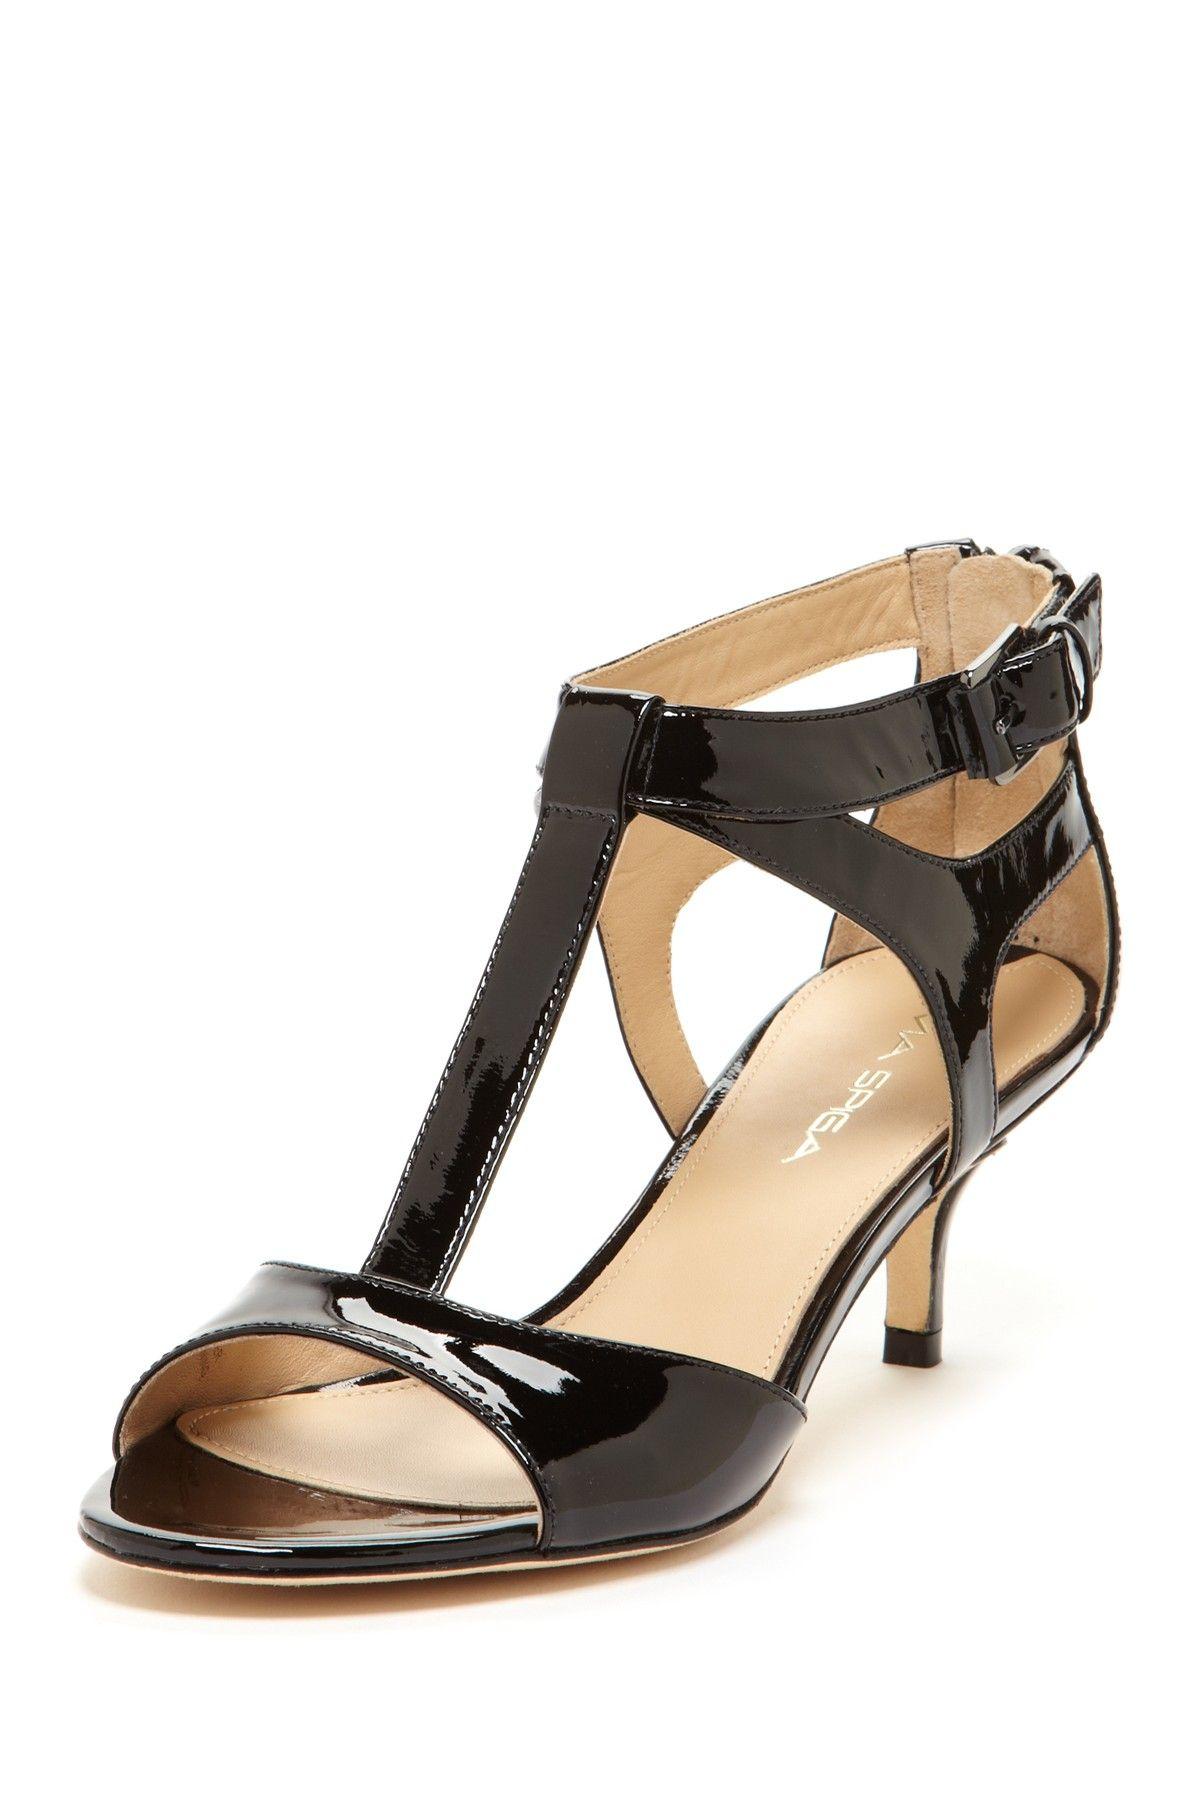 3a2bb553fe032 Alexander McQueen Metallic Skull Sandal. I must have them!  900 bucks